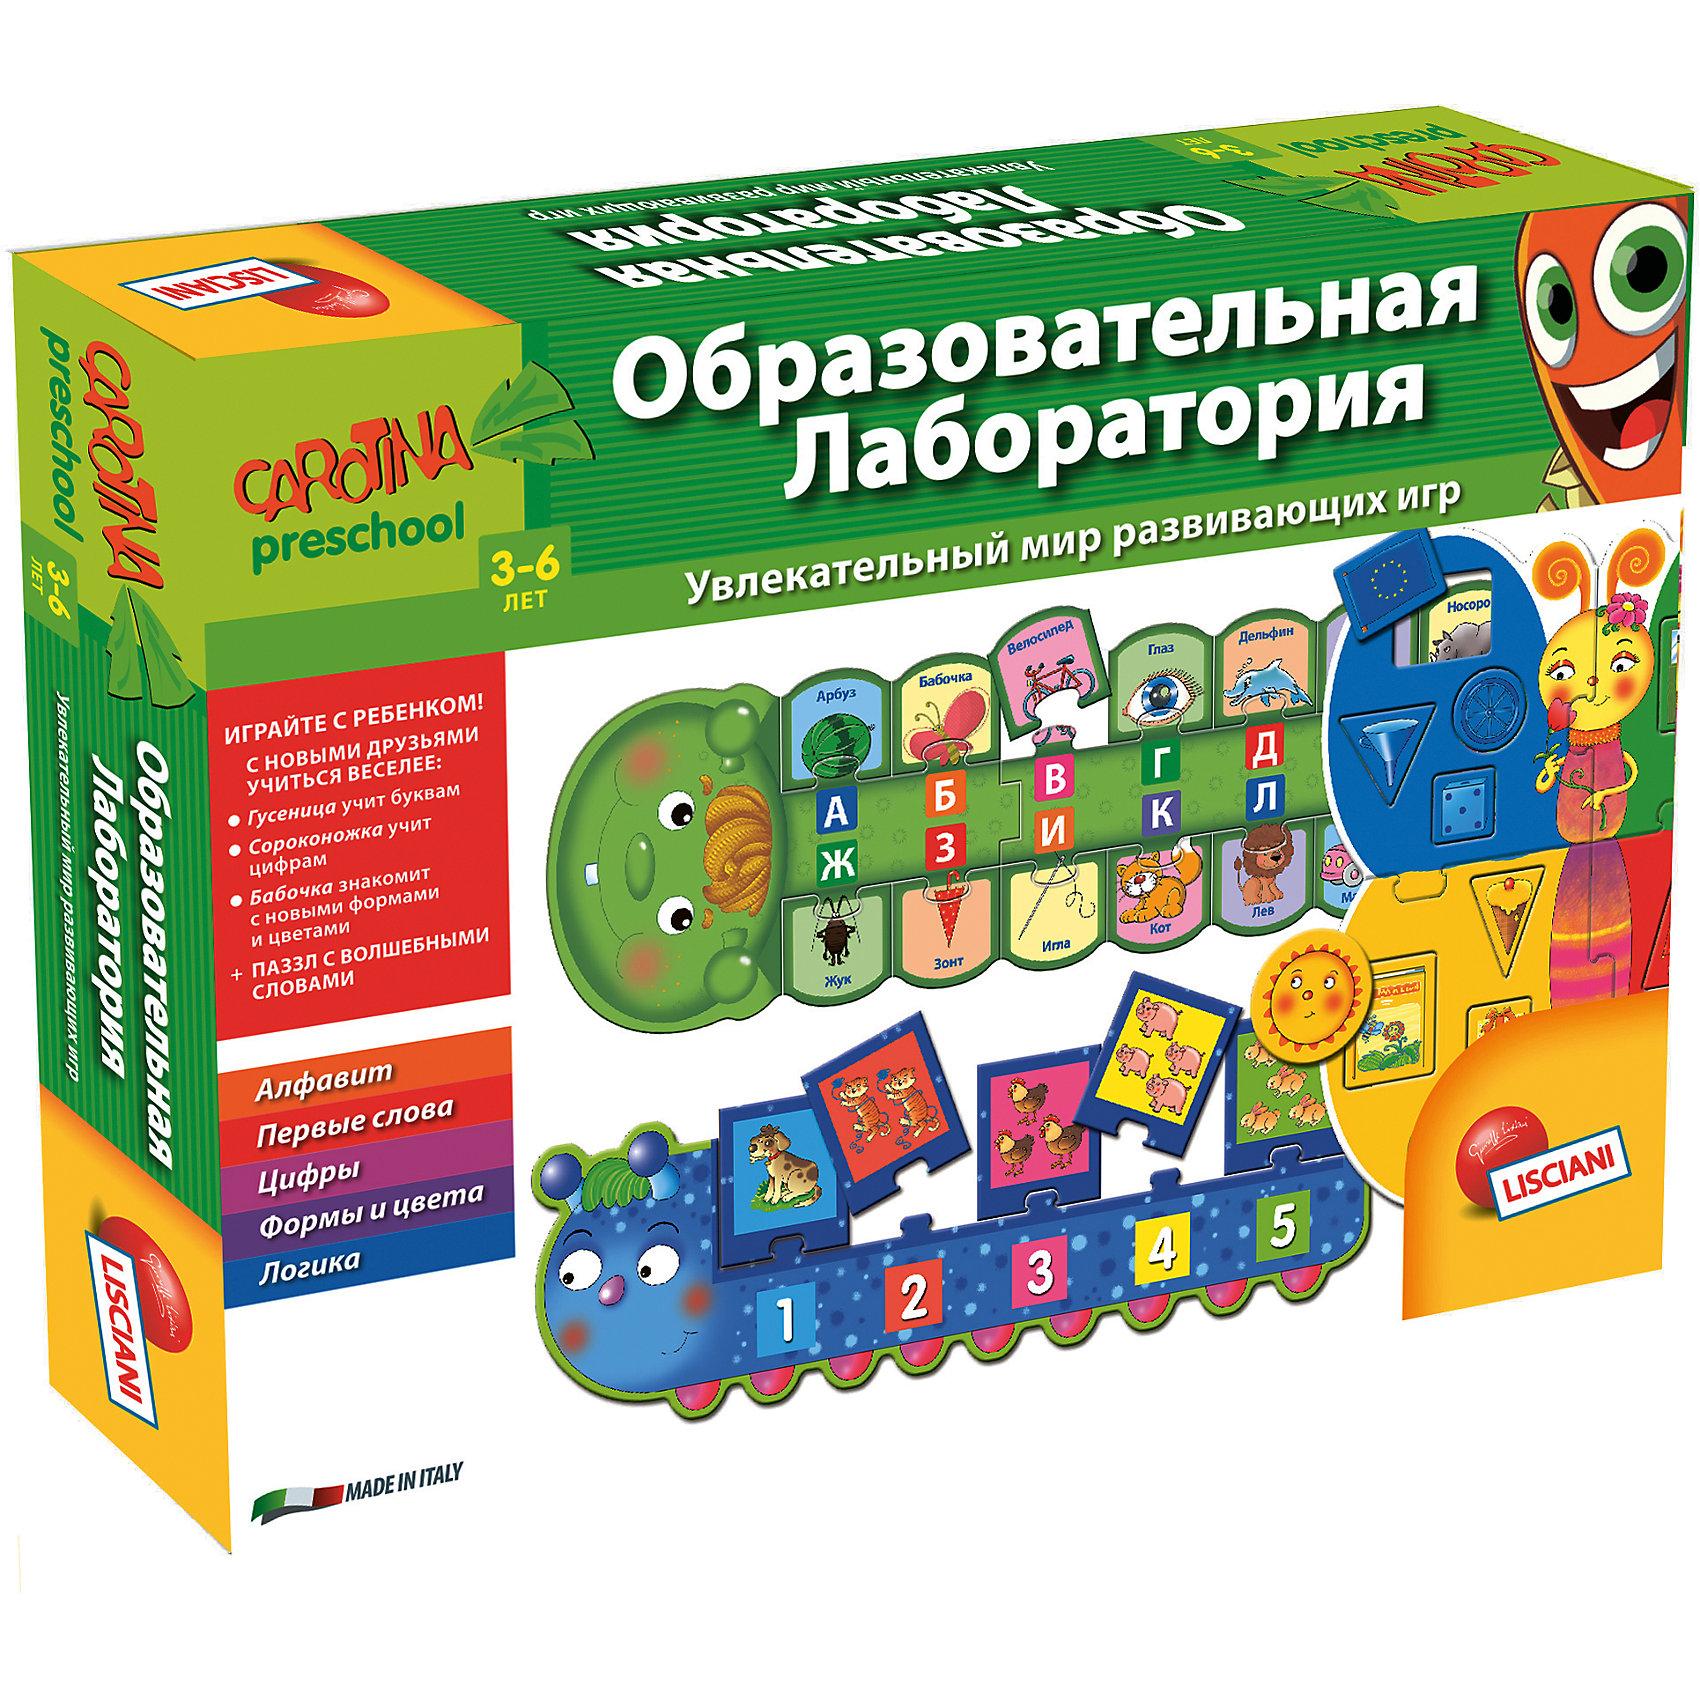 Обучающая игра Образовательная лаборатория, LiscianiРазвивающие игры<br><br><br>Ширина мм: 255<br>Глубина мм: 345<br>Высота мм: 48<br>Вес г: 682<br>Возраст от месяцев: 36<br>Возраст до месяцев: 2147483647<br>Пол: Унисекс<br>Возраст: Детский<br>SKU: 5522886